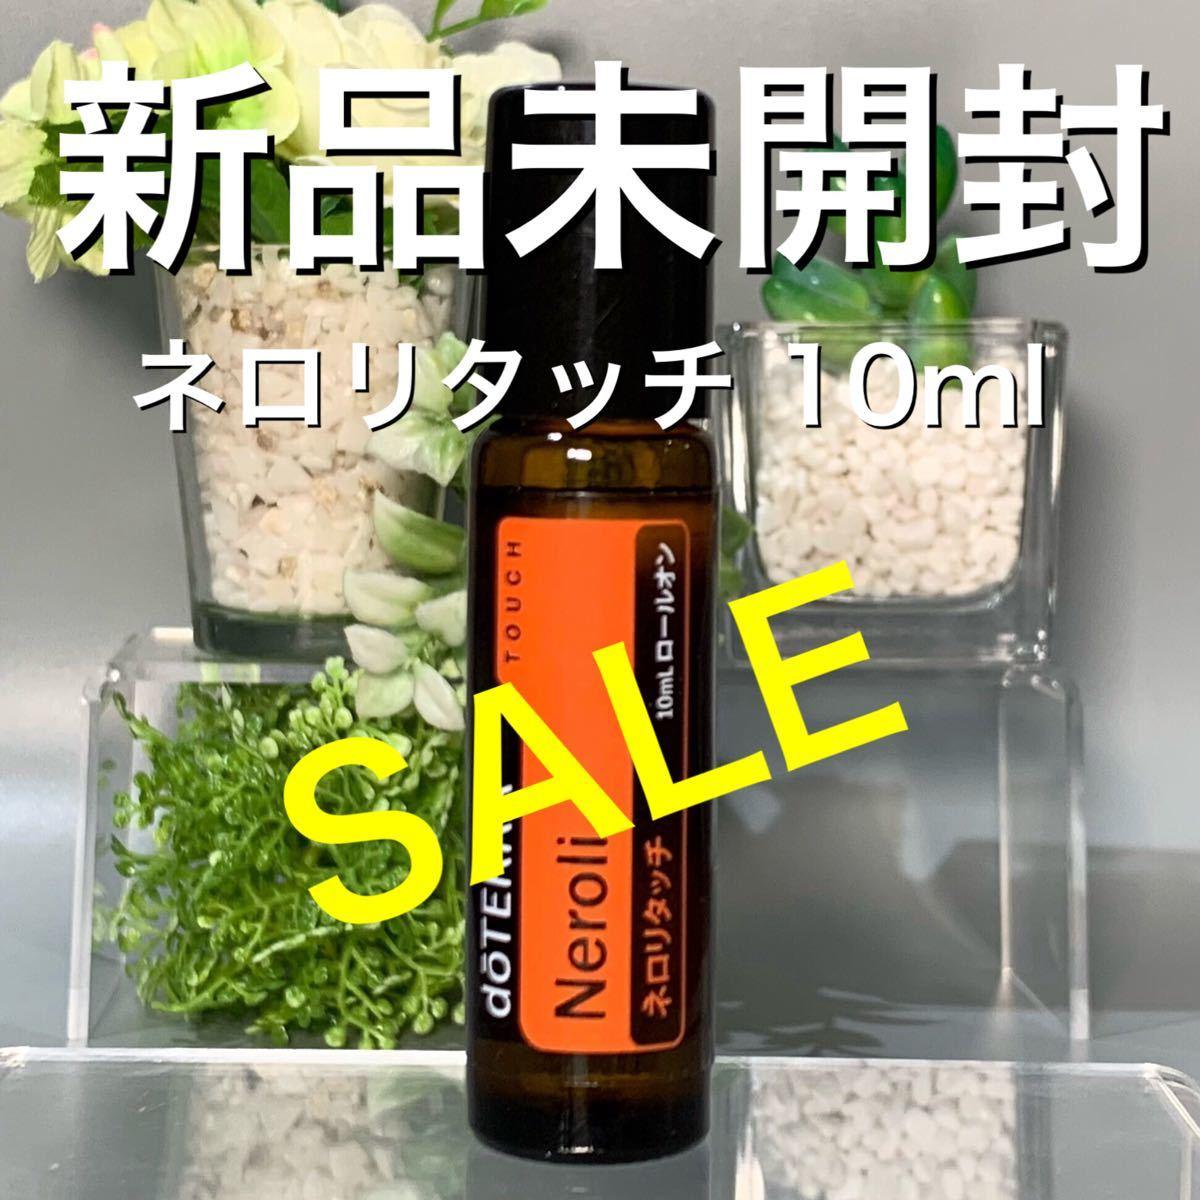 ドテラ ネロリタッチ 10ml ロールオン★限定品★新品未開封★